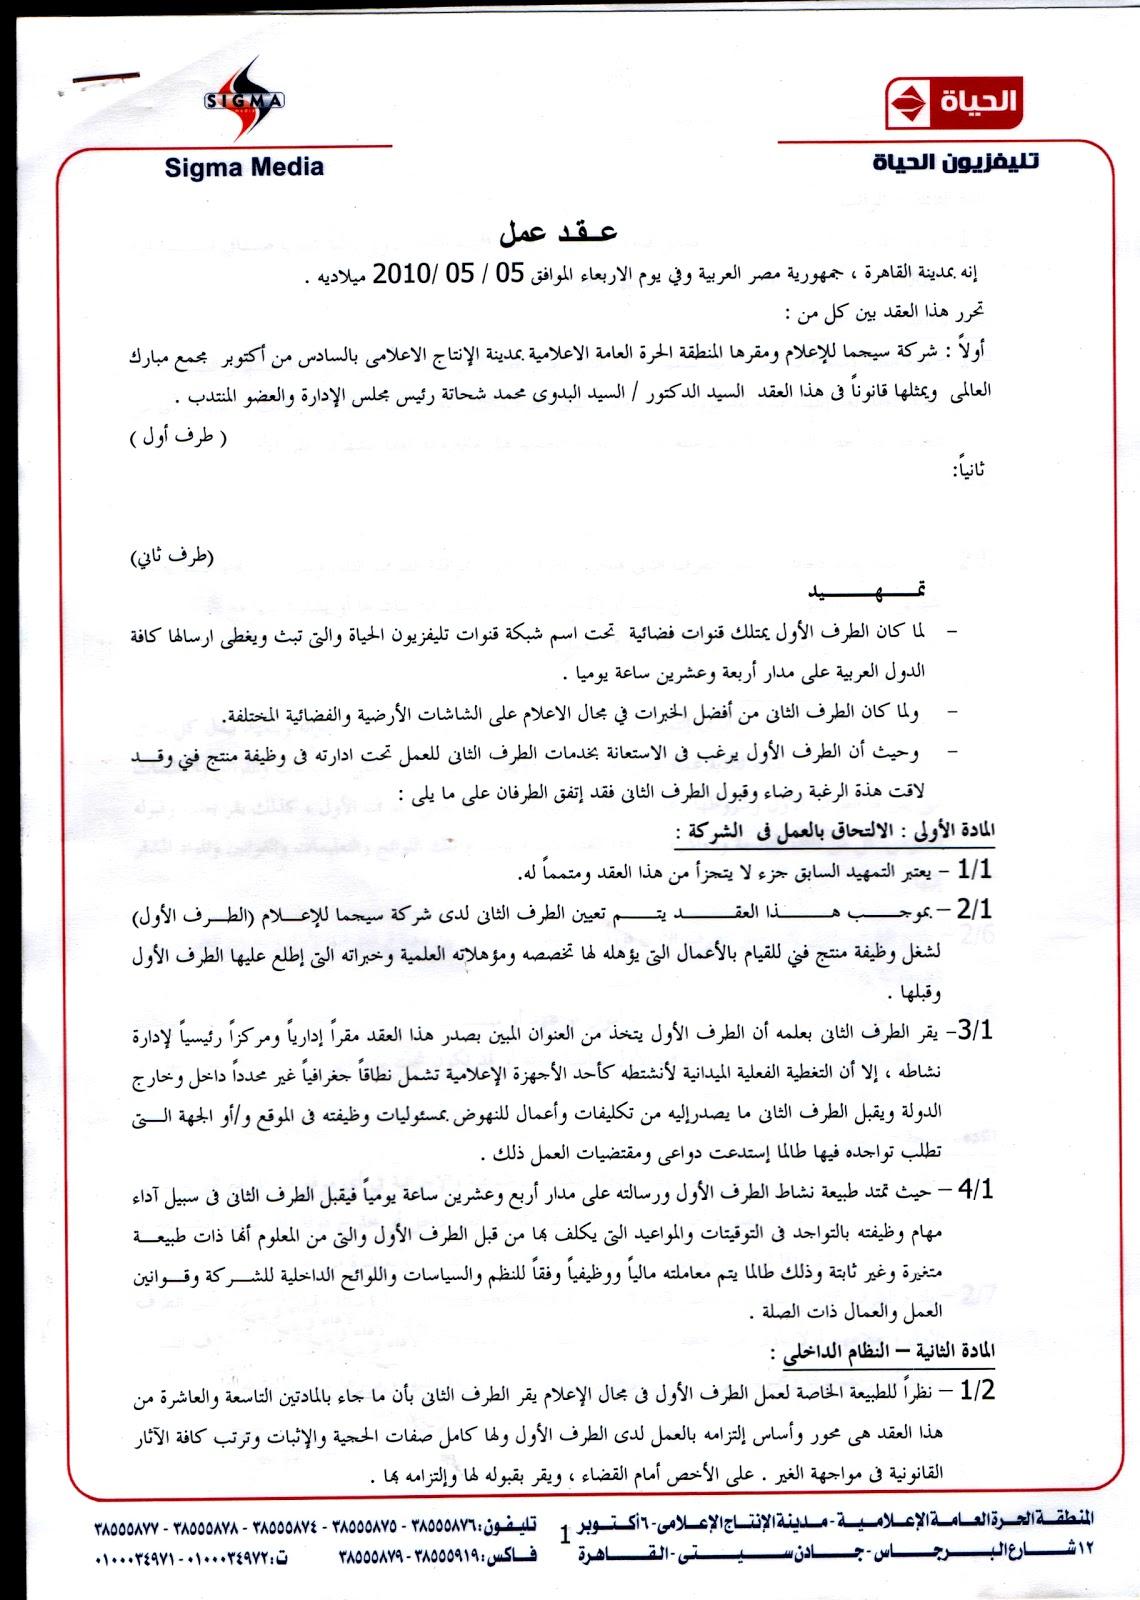 نموذج عقد عمل مؤقت مغربي